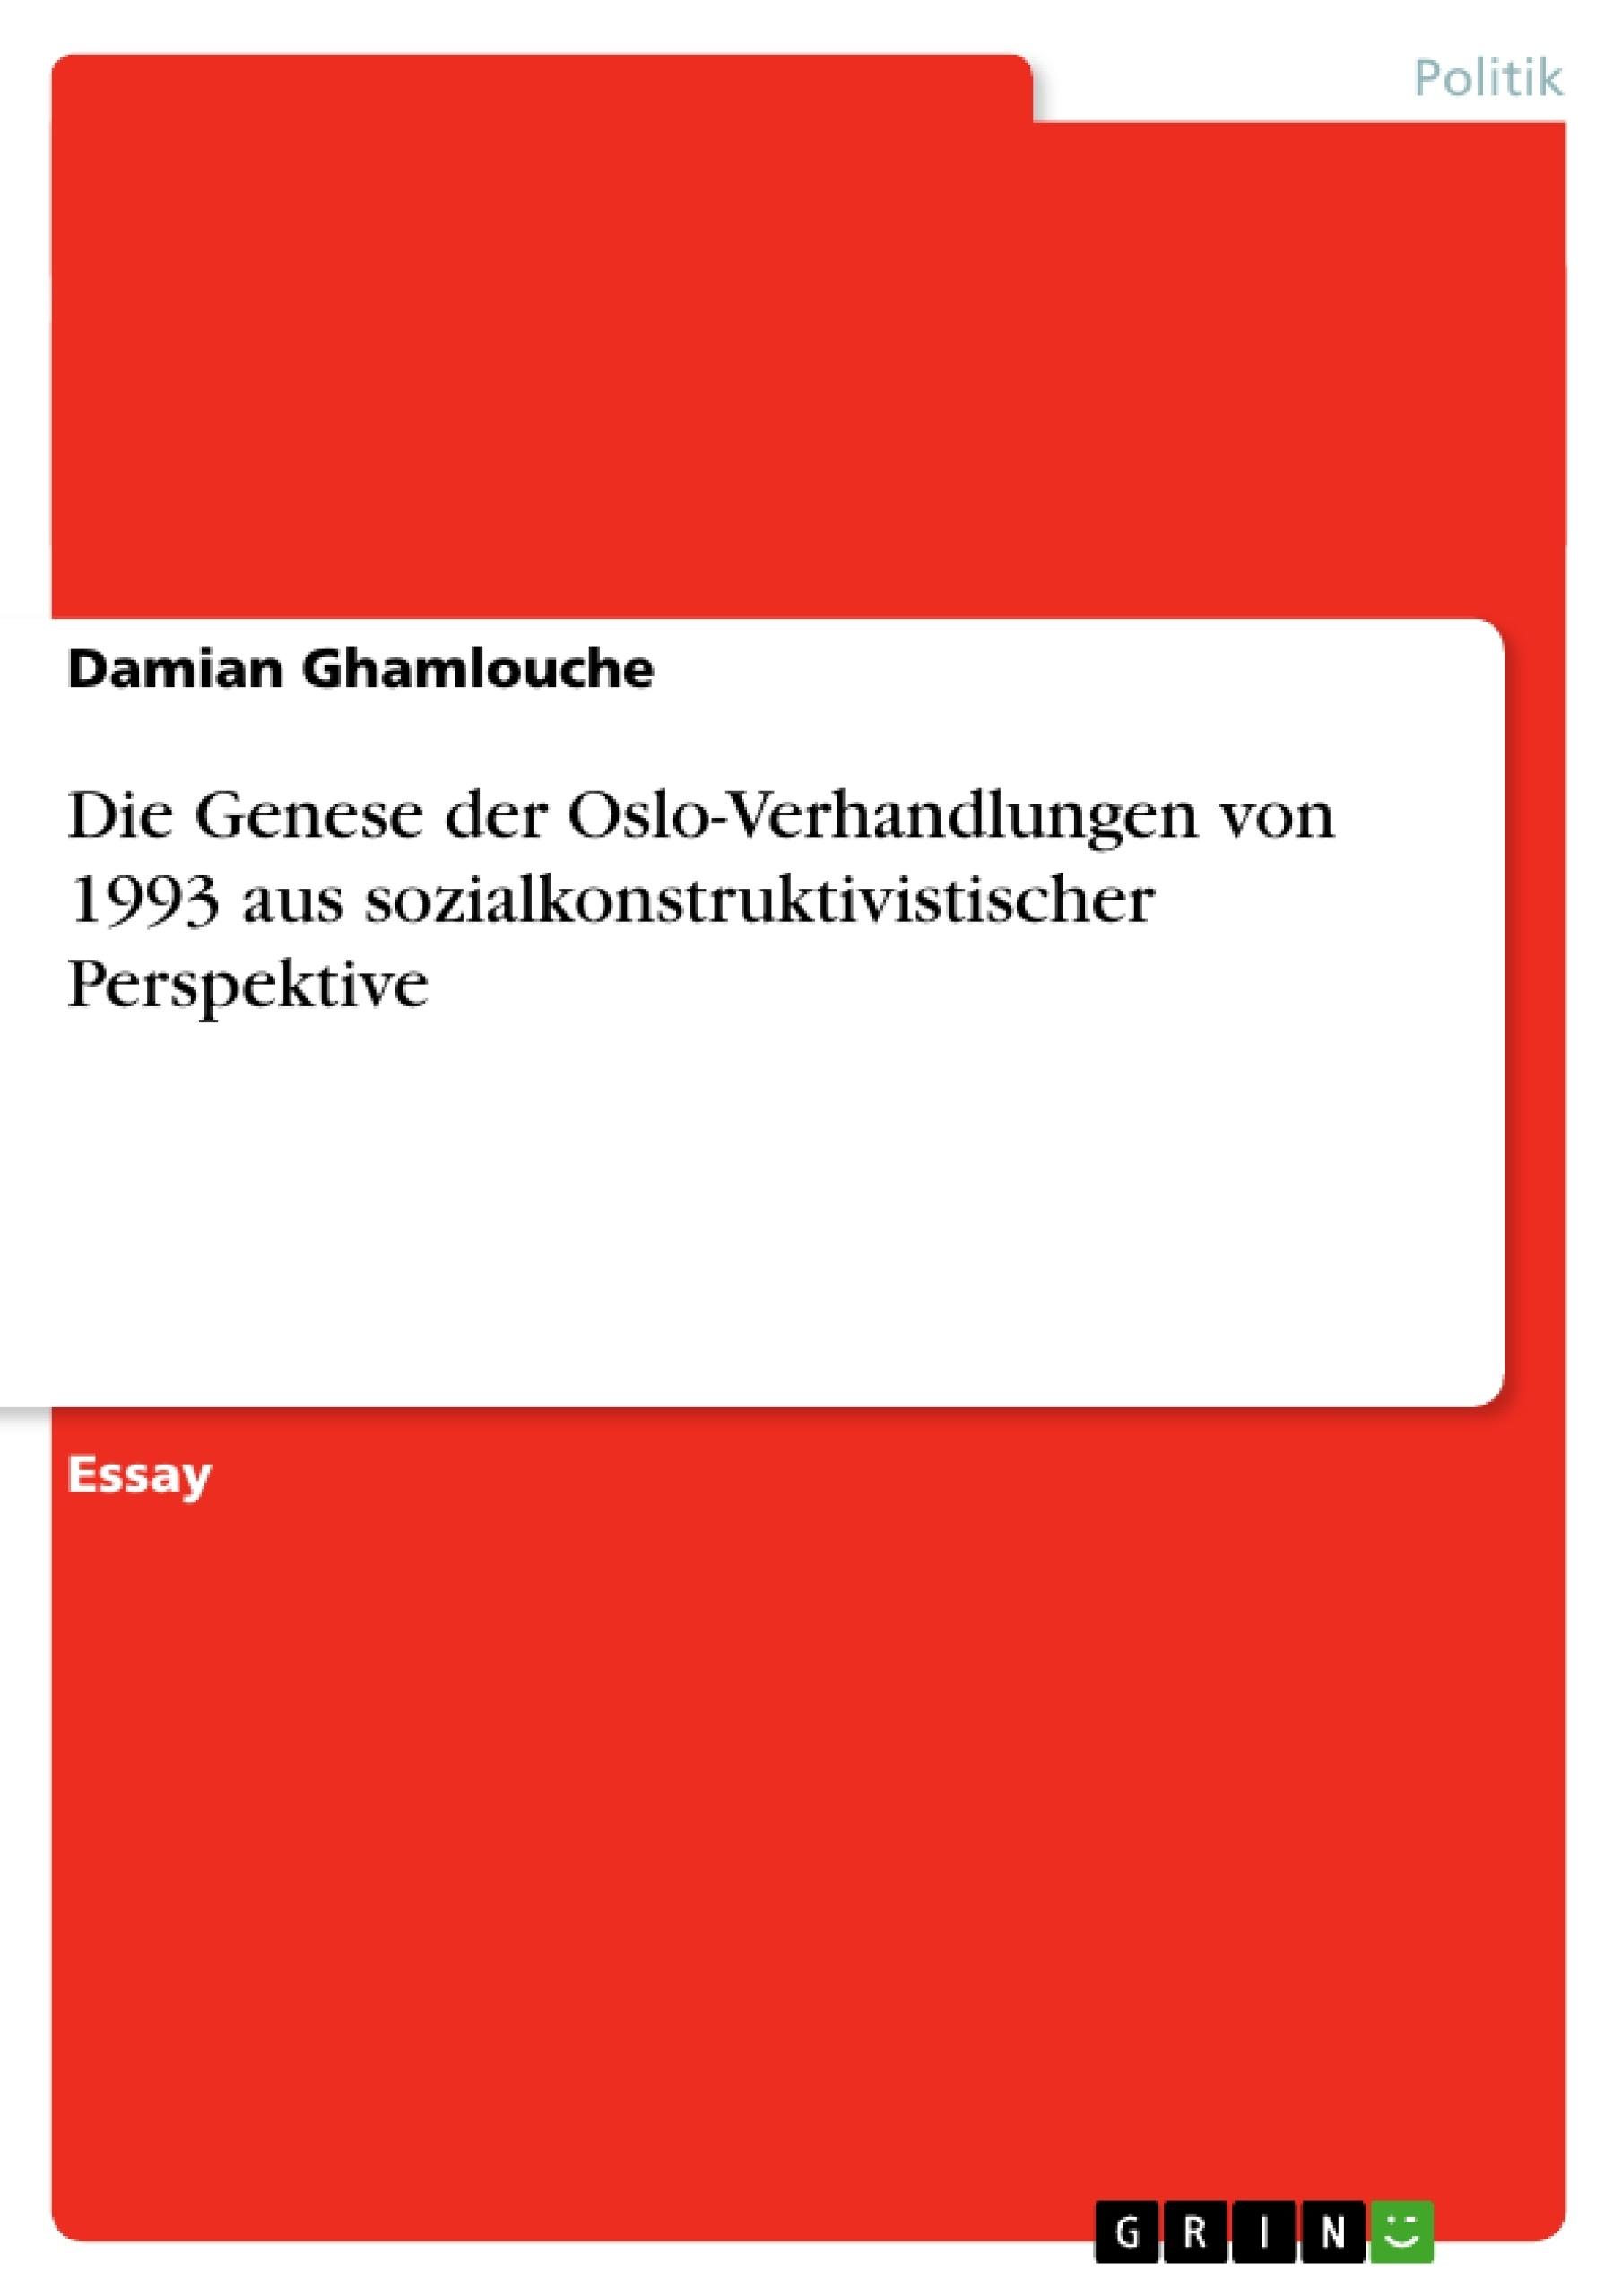 Titel: Die Genese der Oslo-Verhandlungen von 1993 aus sozialkonstruktivistischer Perspektive